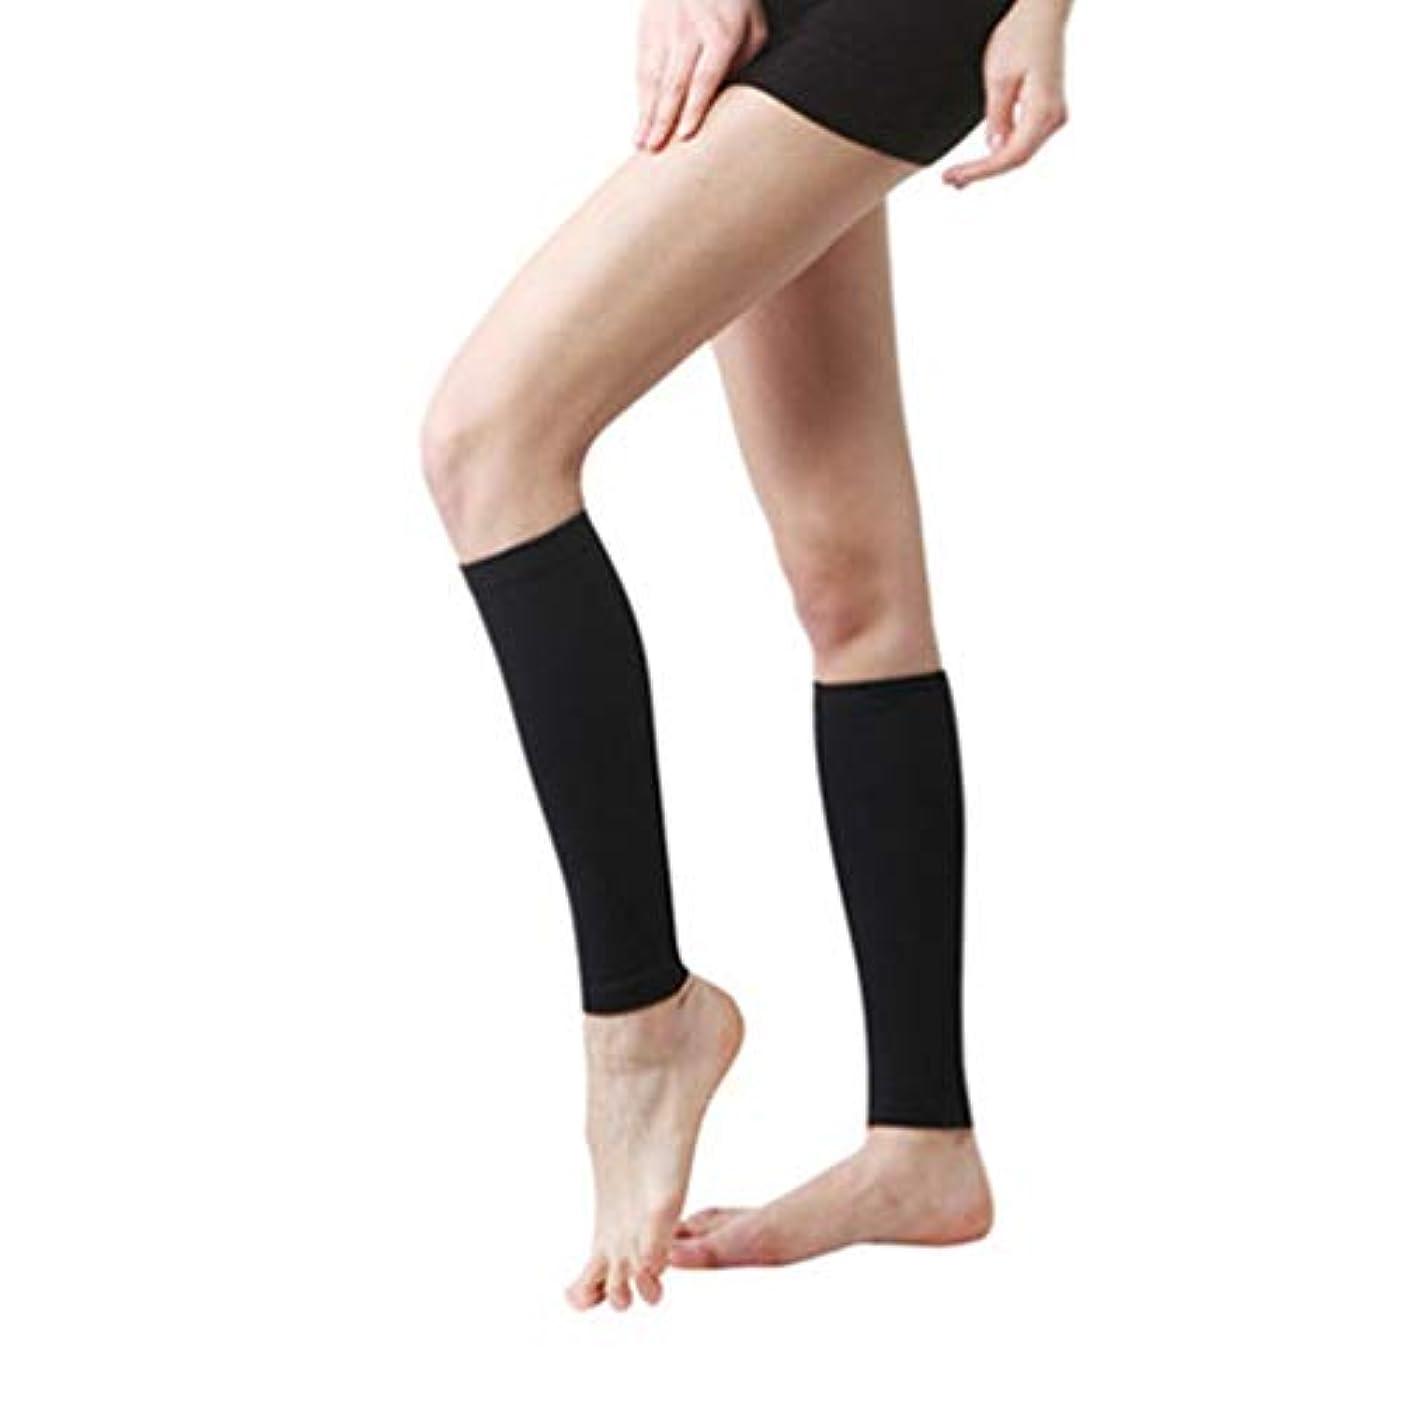 予想する輪郭飢饉丈夫な男性女性プロの圧縮靴下通気性のある旅行活動看護師用シンススプリントフライトトラベル - ブラック